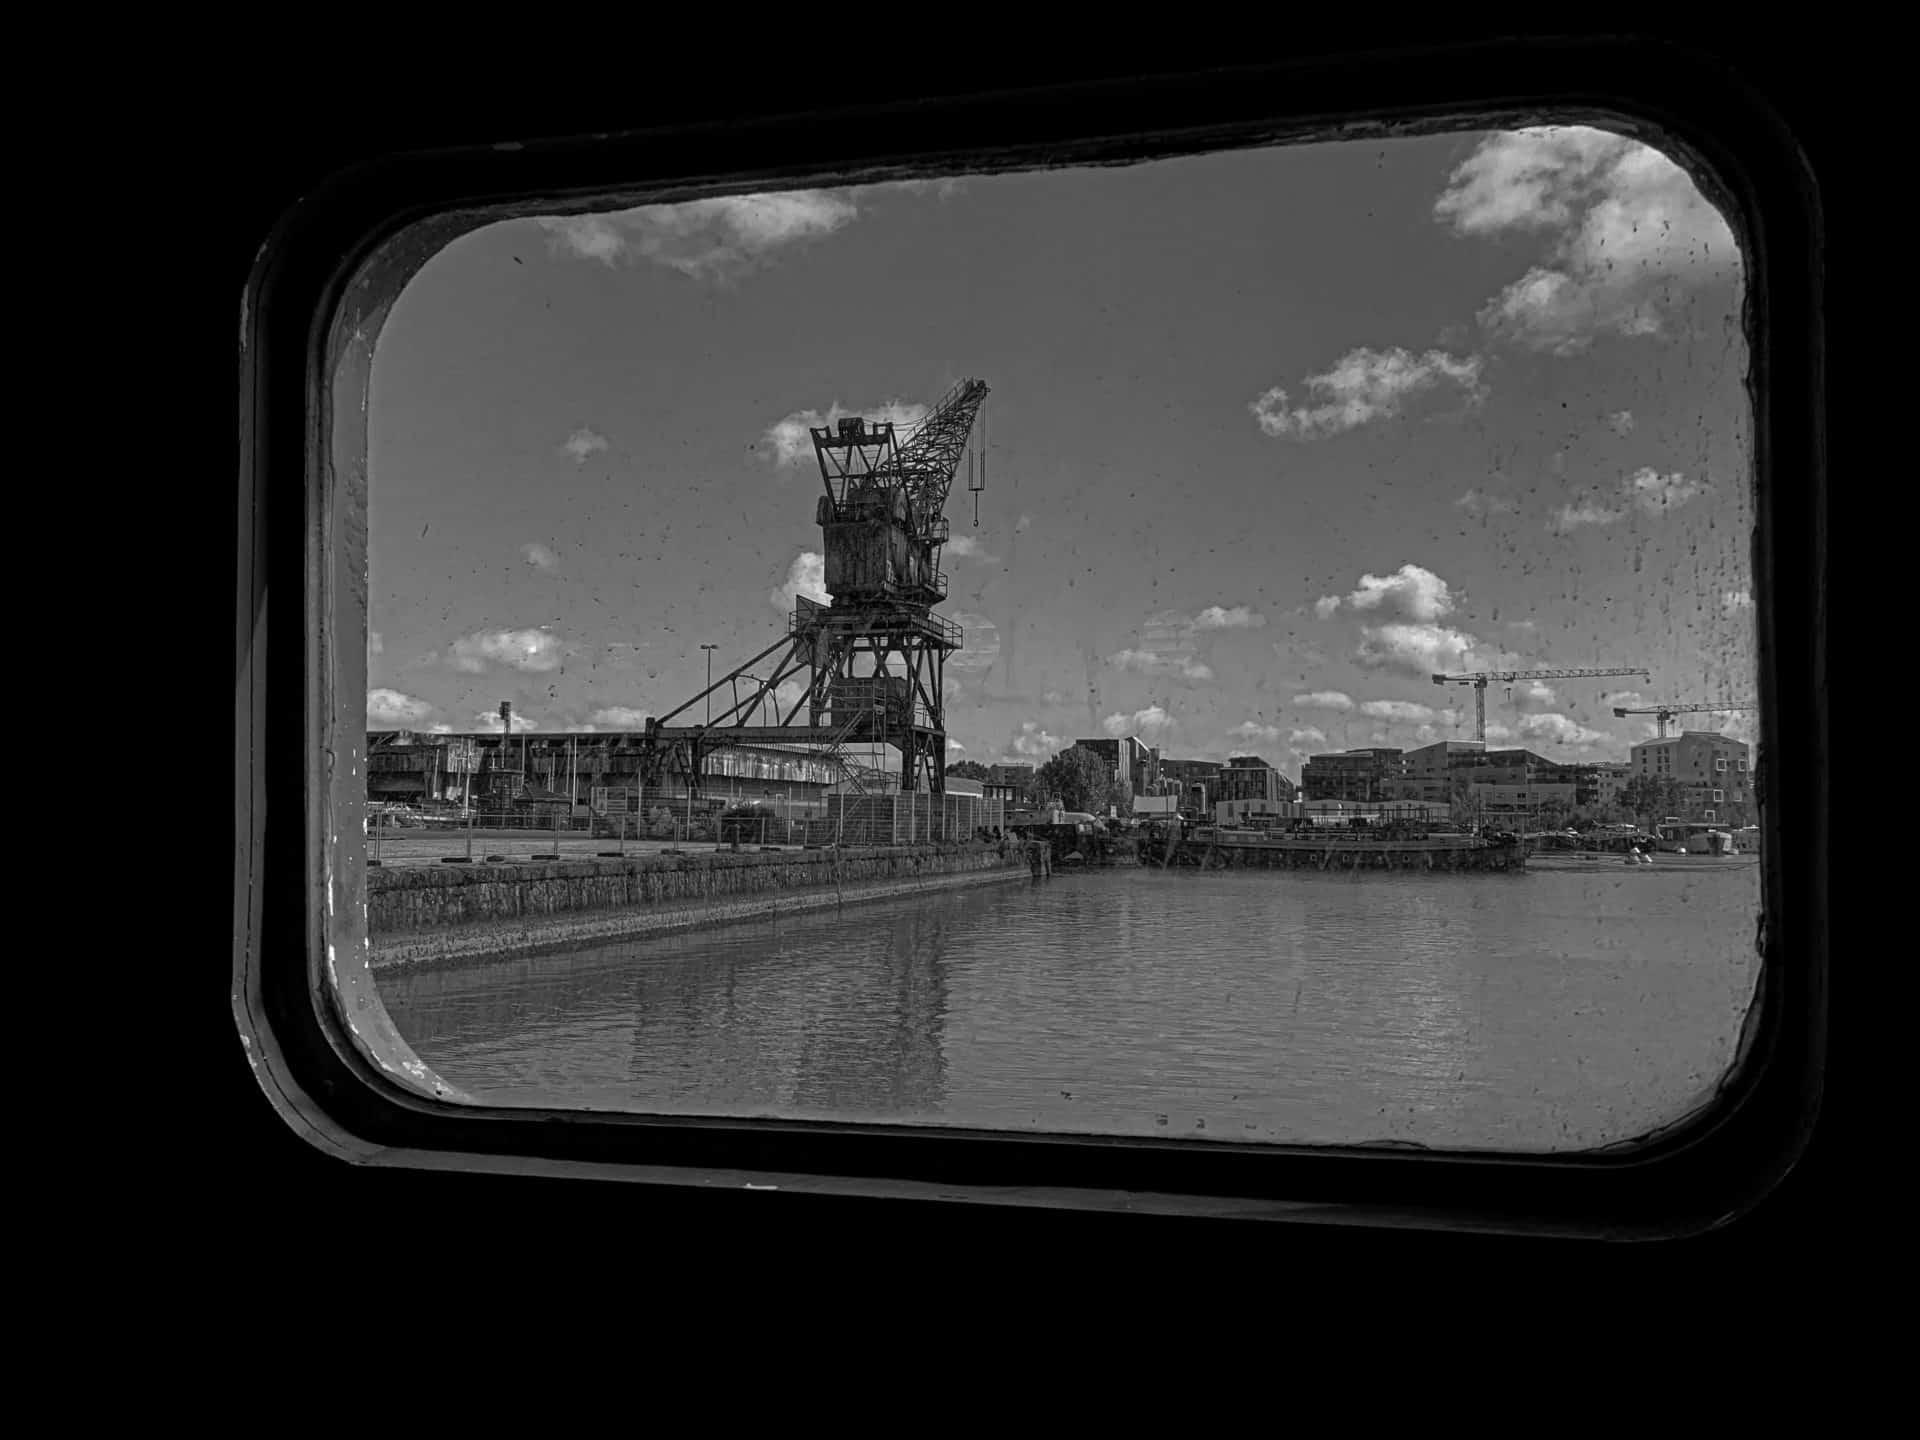 La Grue Wellman vue de l'I.Boat